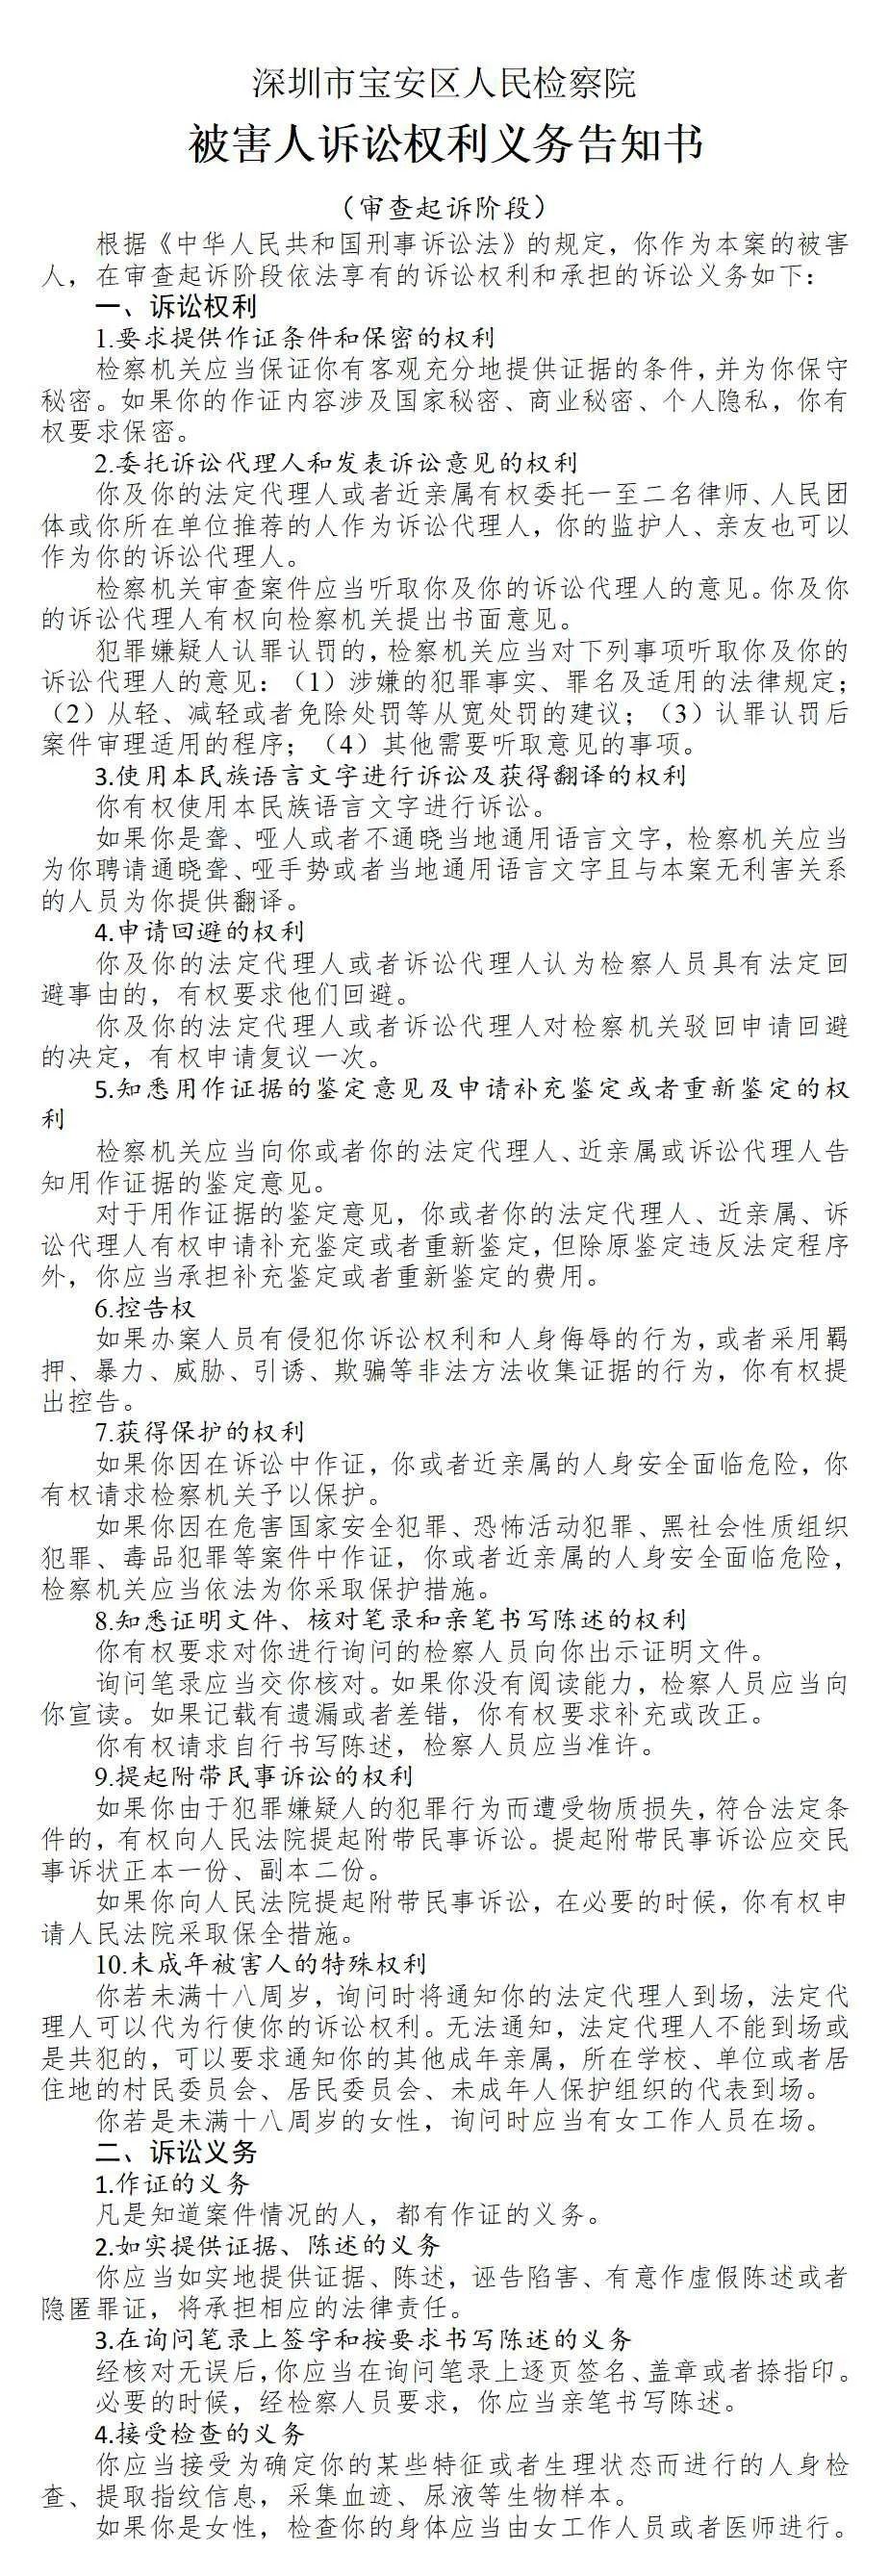 公告 | 犯罪嫌疑人陈金龙、姜振航等4人涉嫌合同诈骗案被害人诉讼权利义务告知书